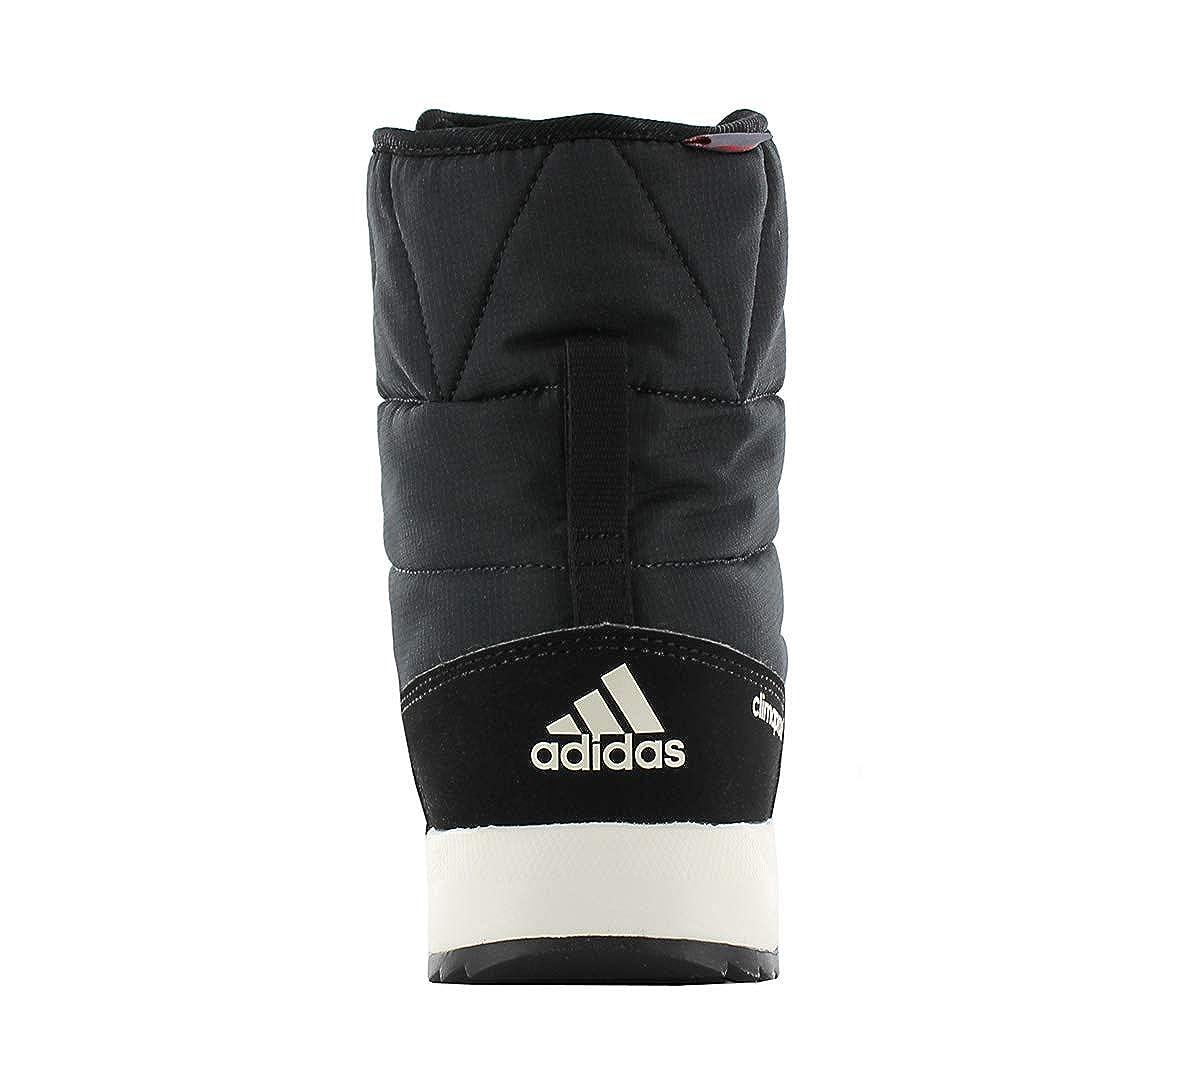 Adidas Performance Damen Winterschuhe schwarz 41 41 41 1 3 166d85